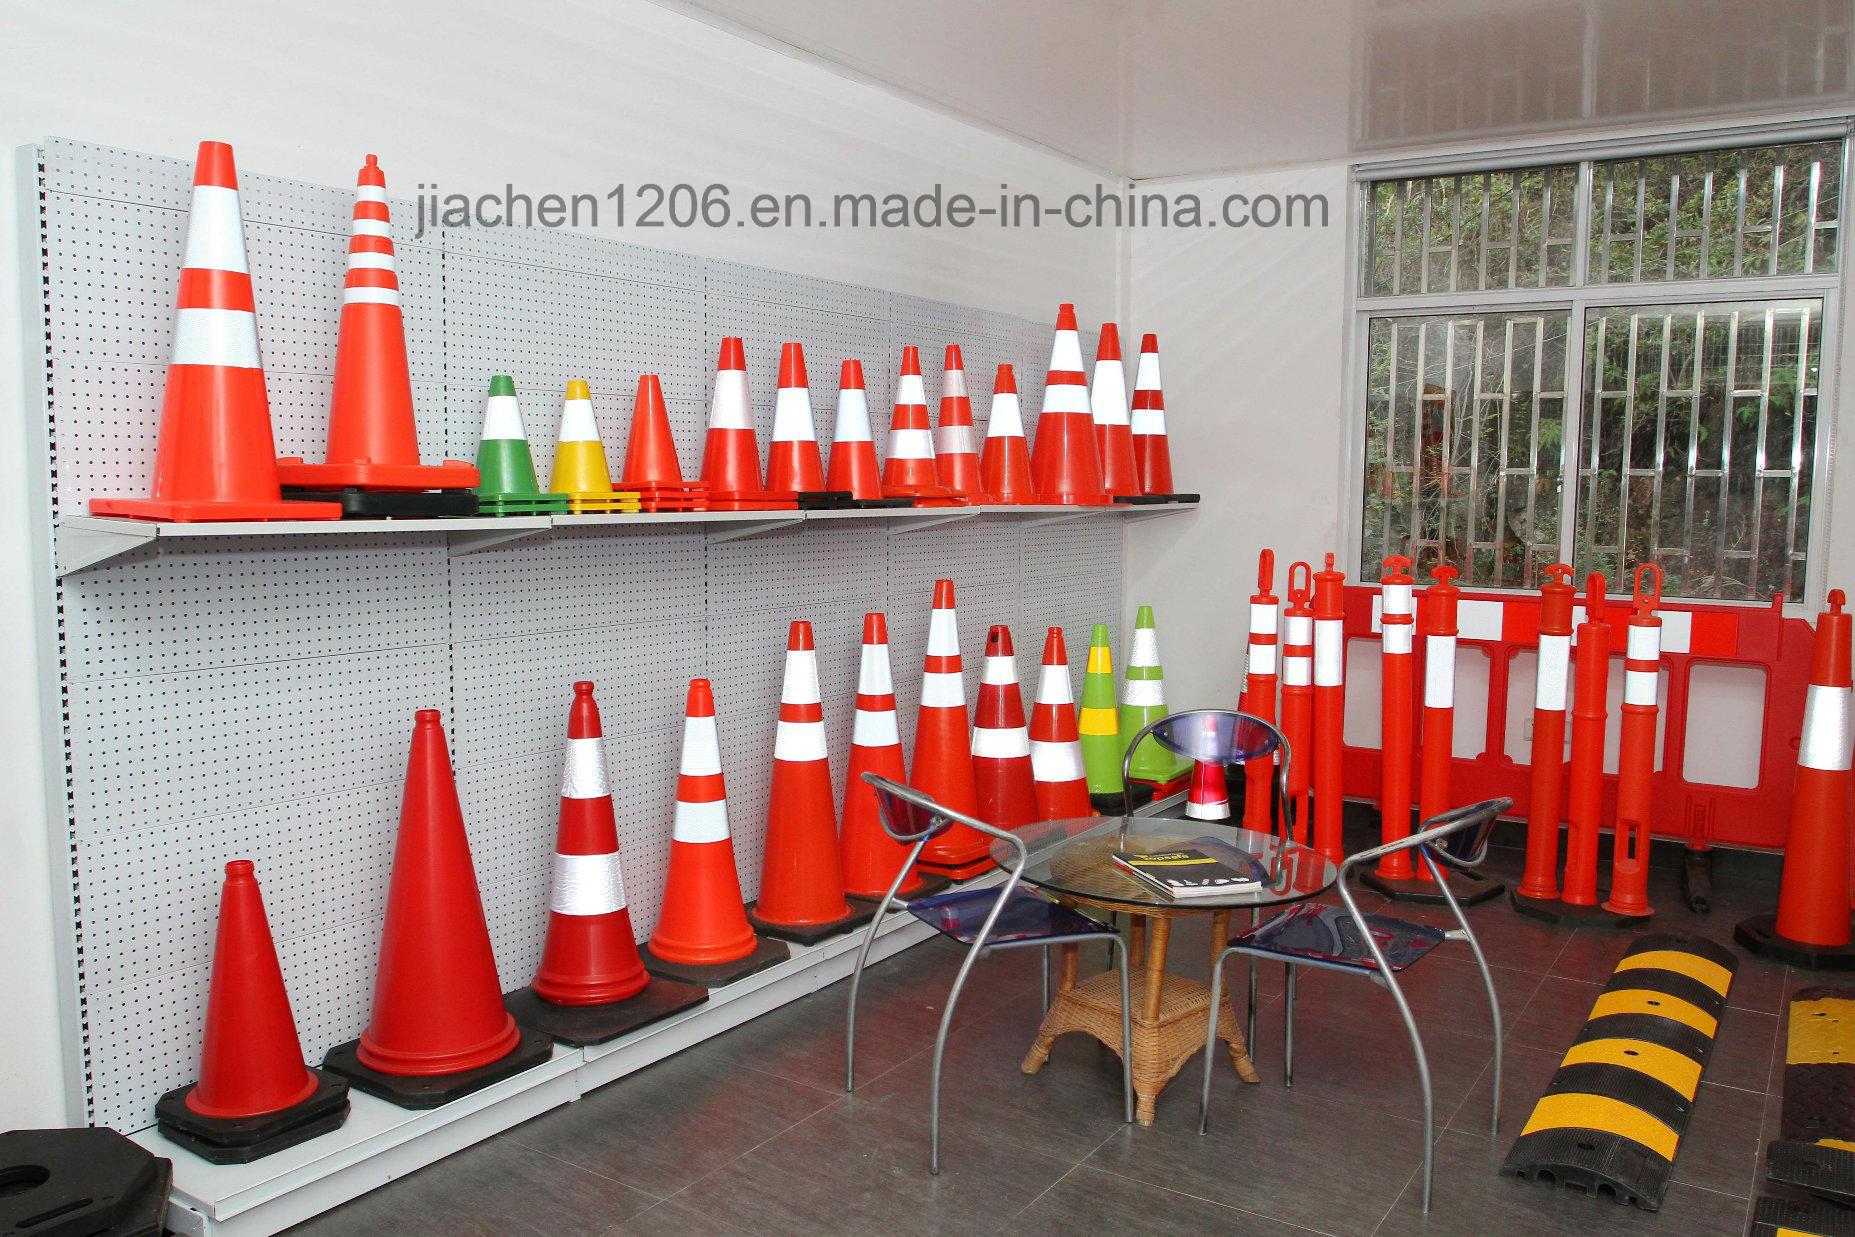 Jiachen Wholesale Rubber Corner Protector